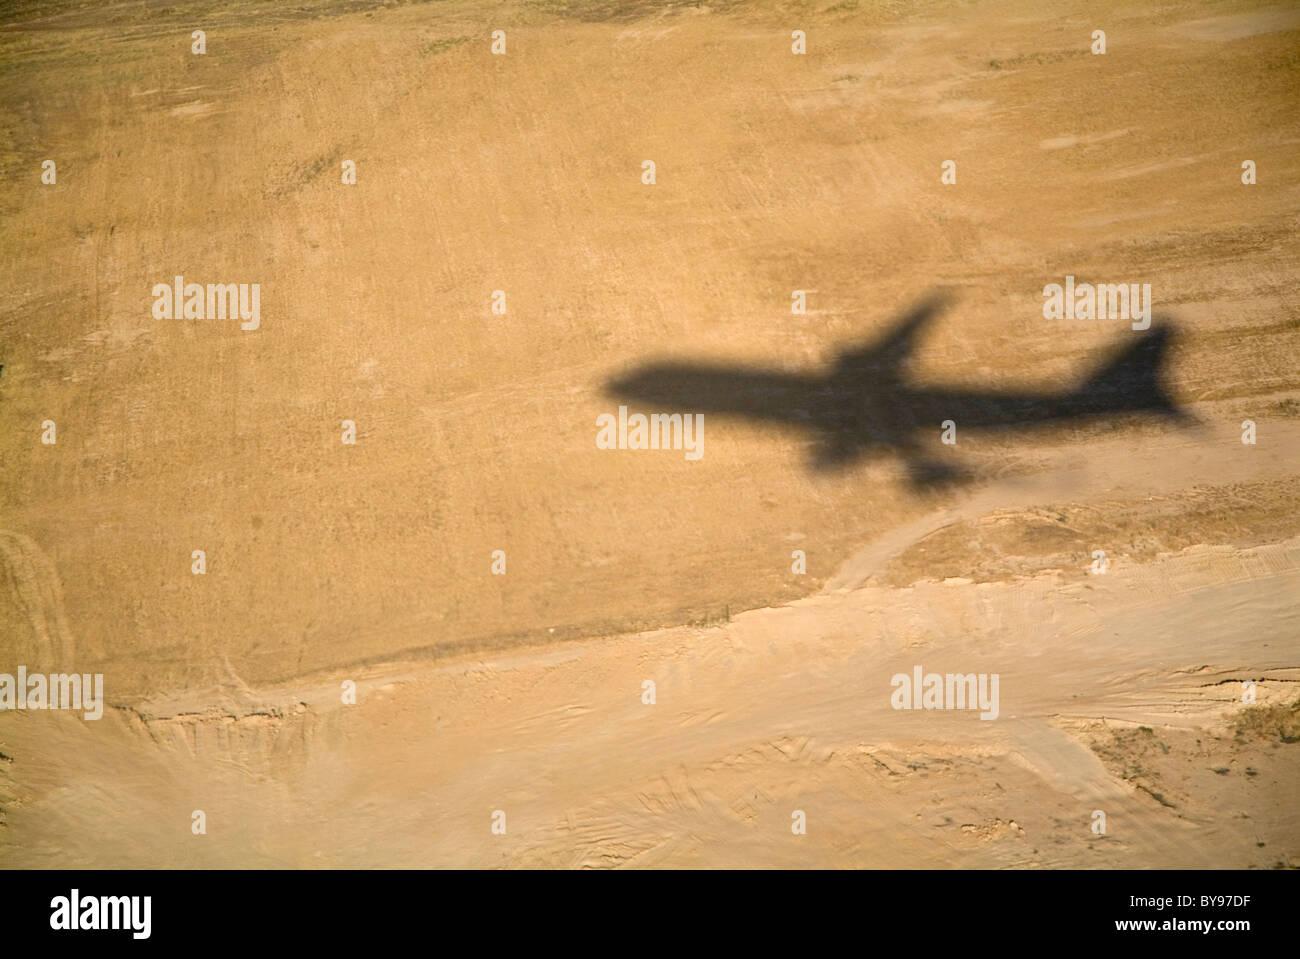 Ombra di un aeromobile in volo tenendo spento Immagini Stock